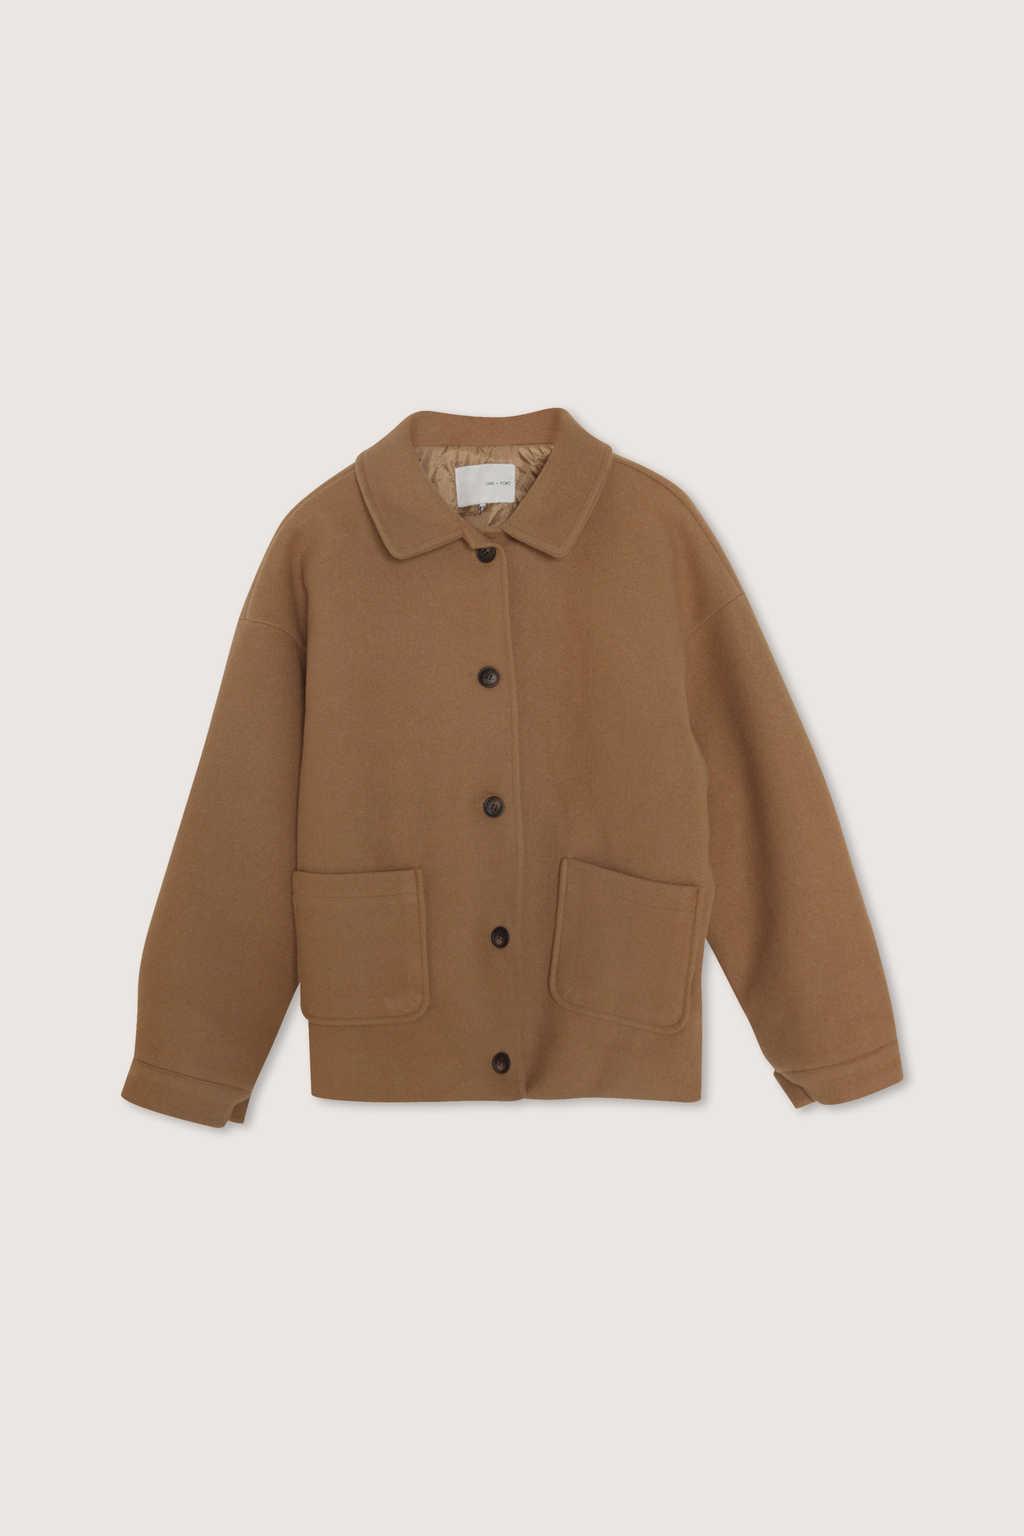 Jacket H204 Beige 5